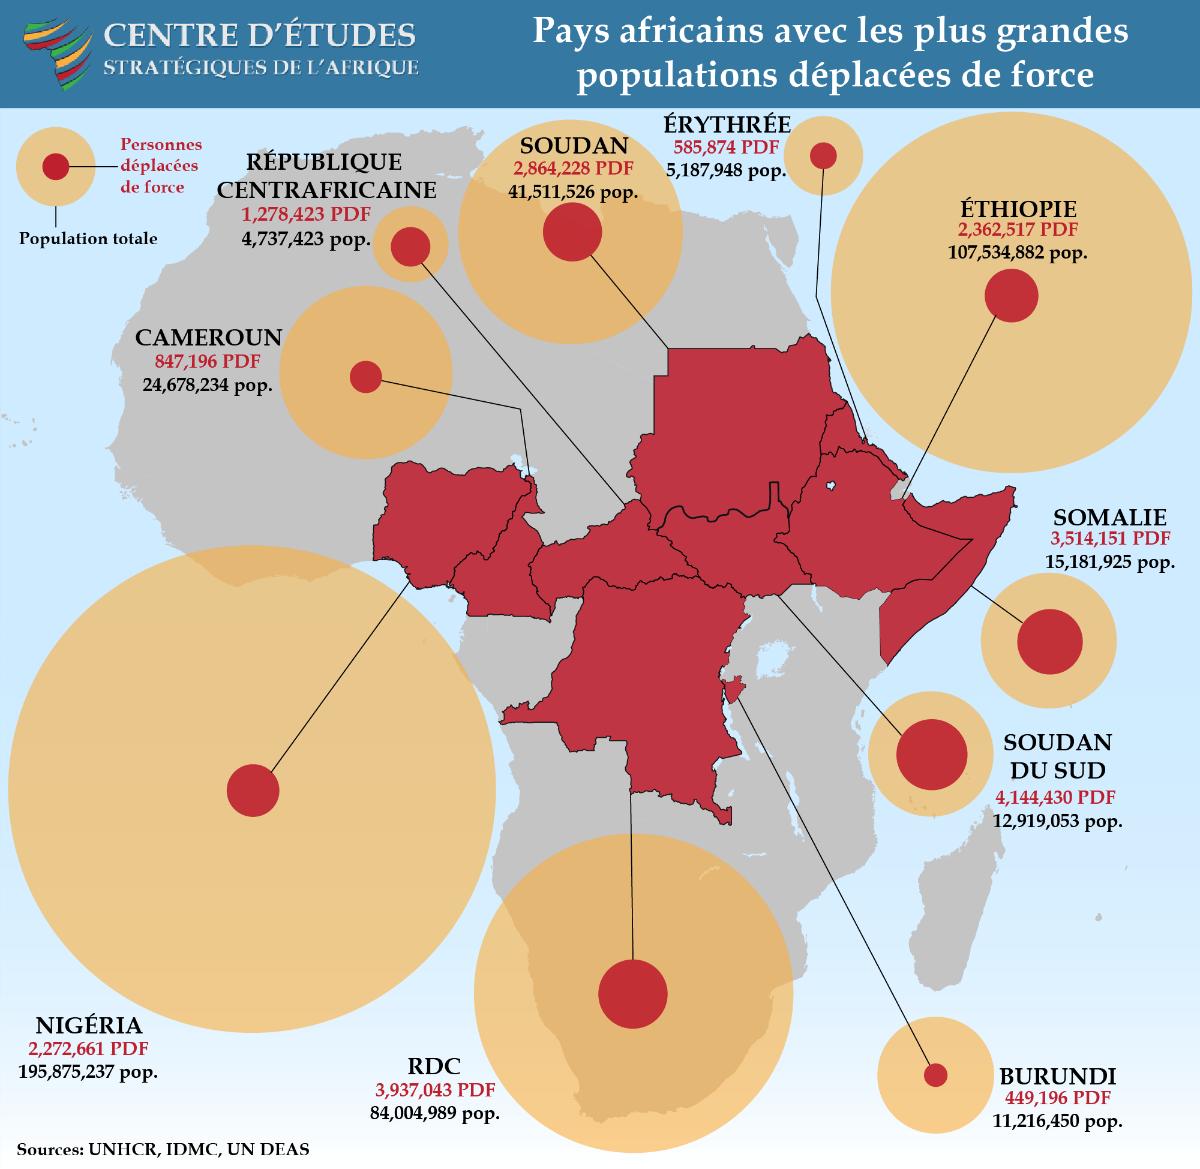 Pays africains avec les plus grandes populations deplacees de force